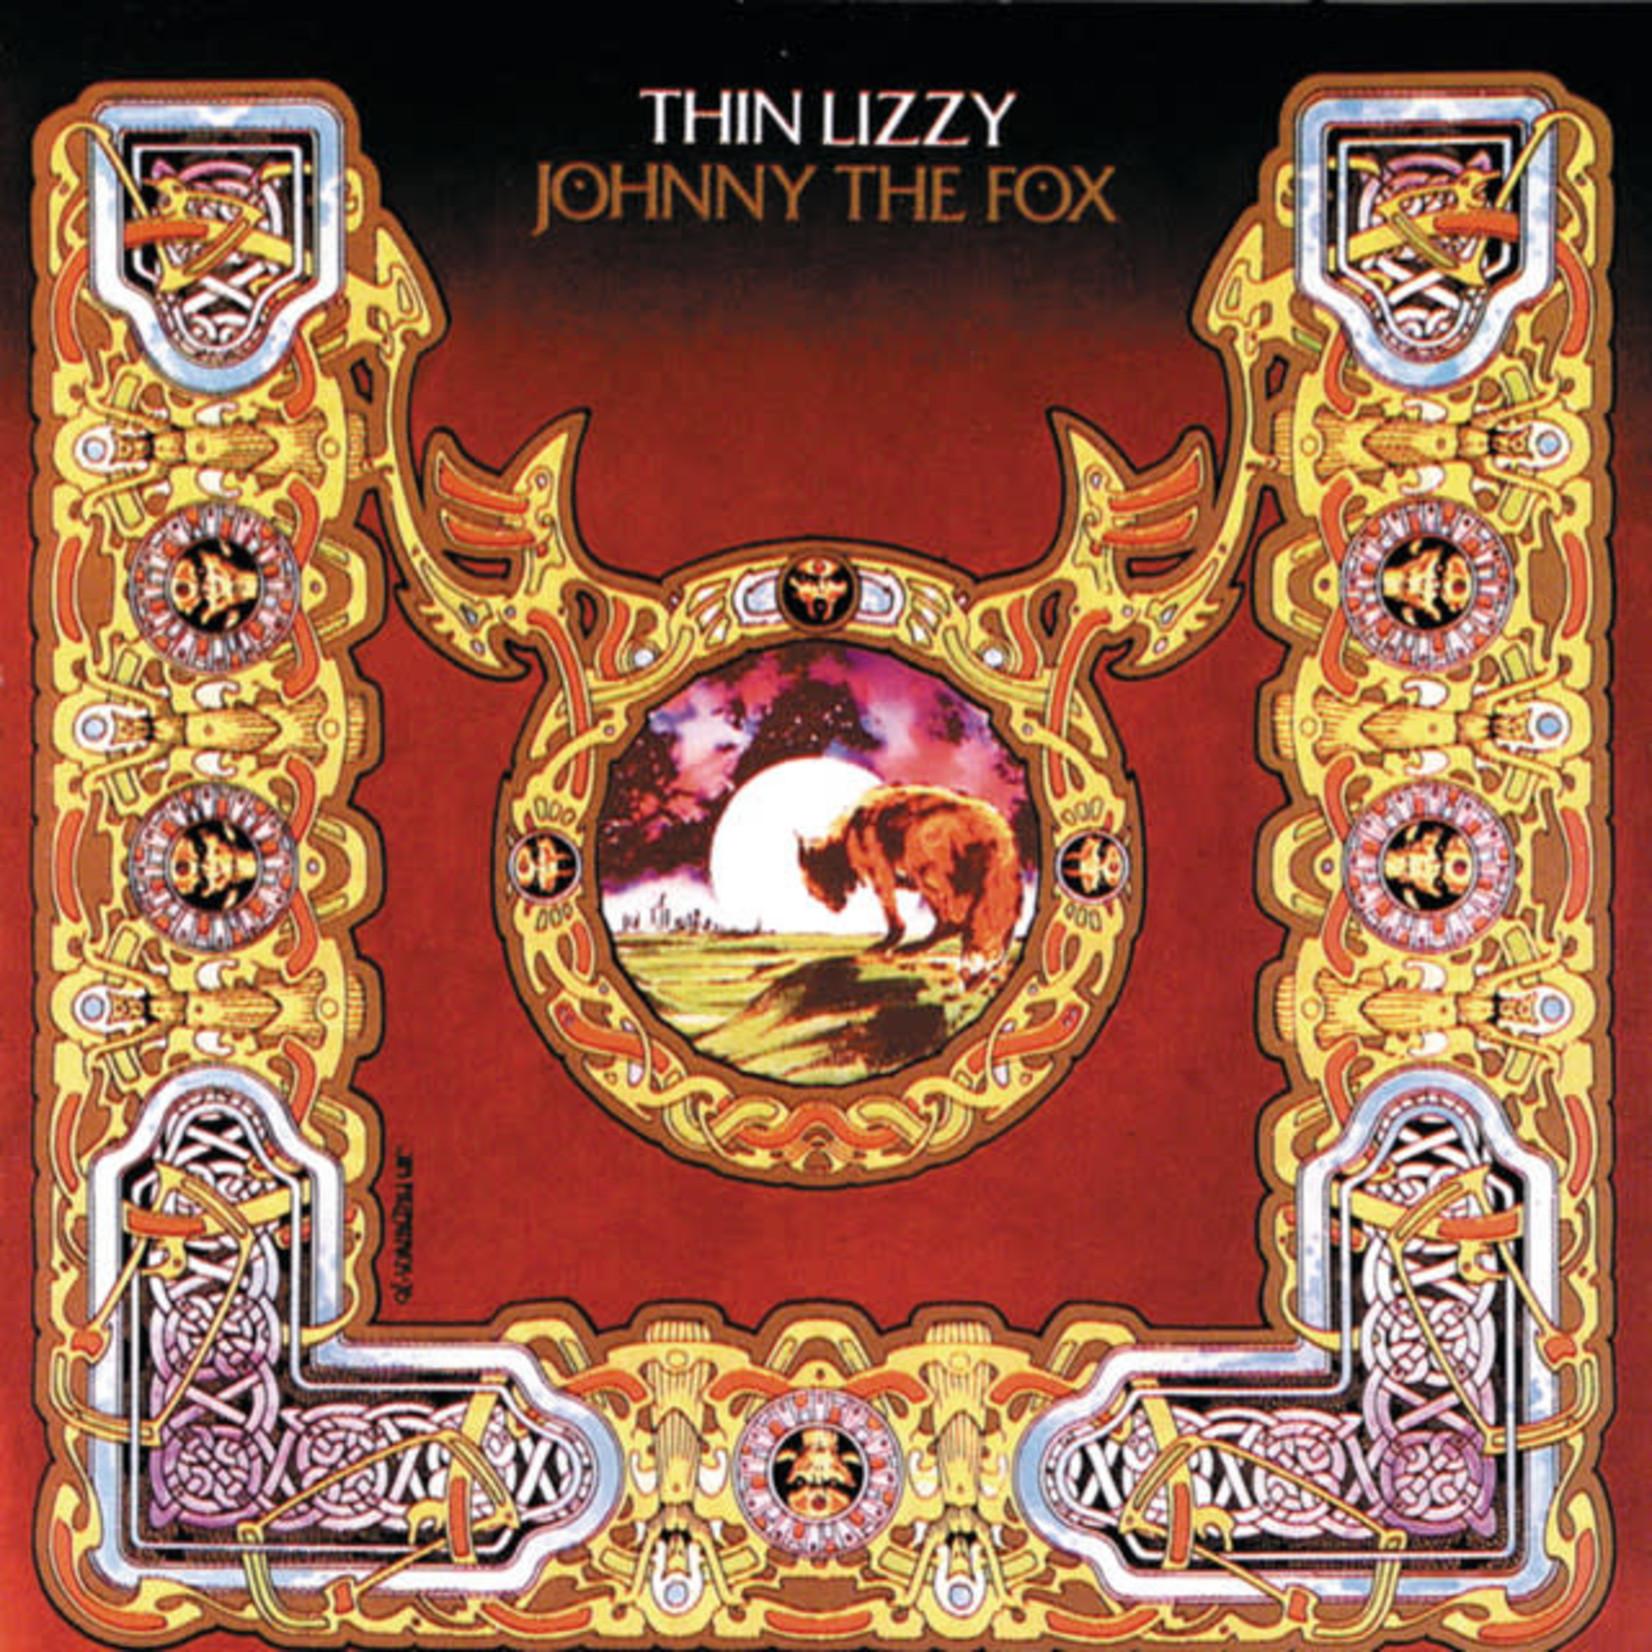 Vinyl Thin Lizzy - Johnny The Fox